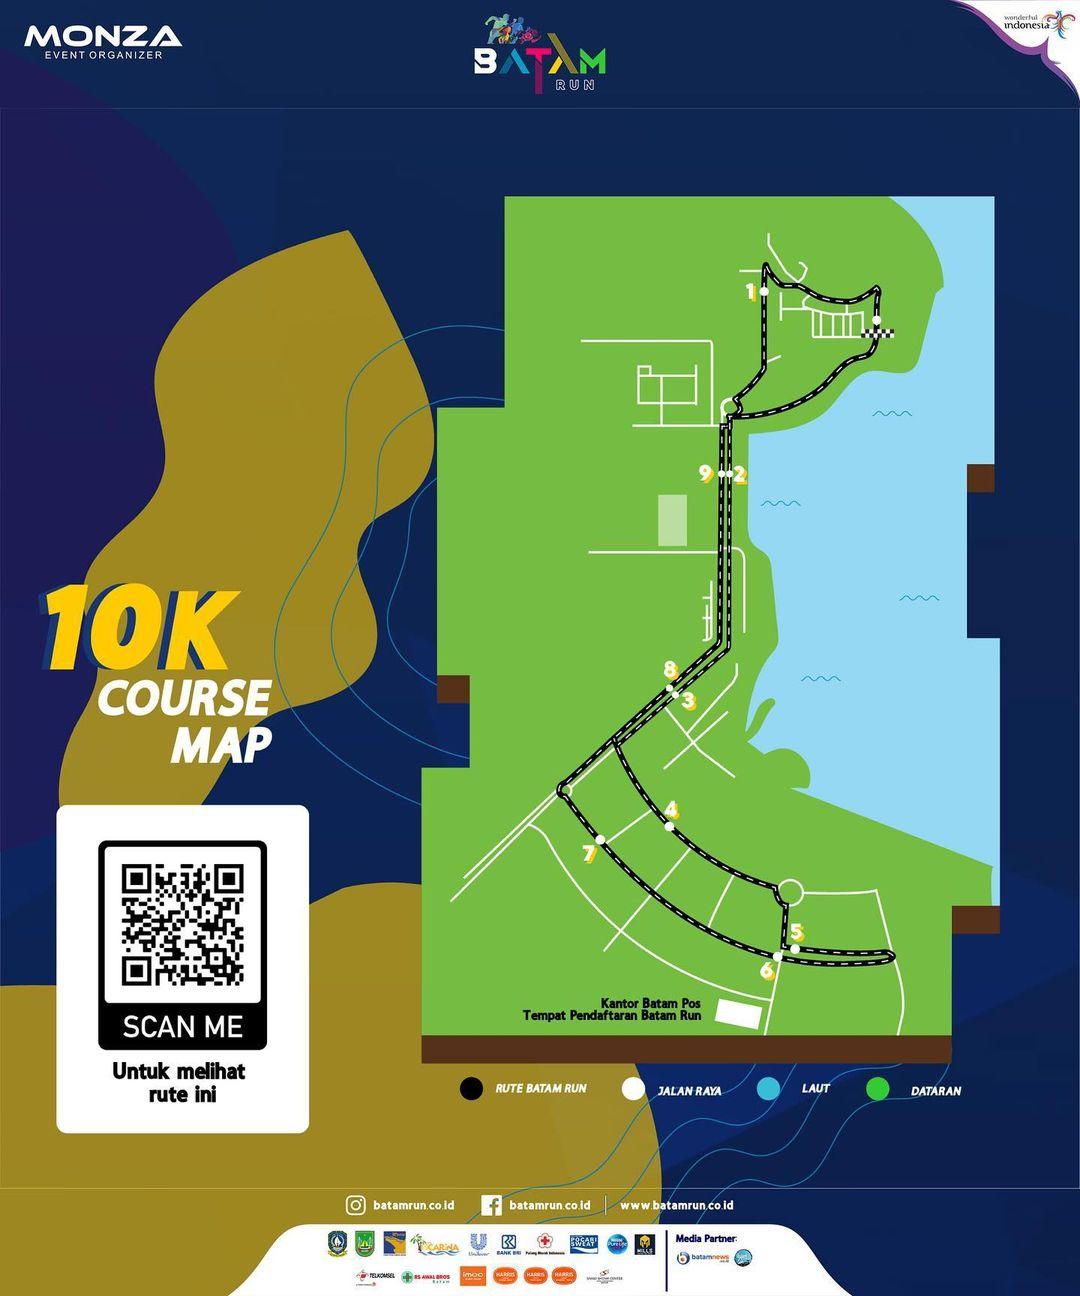 10K - Batam Run • 2020